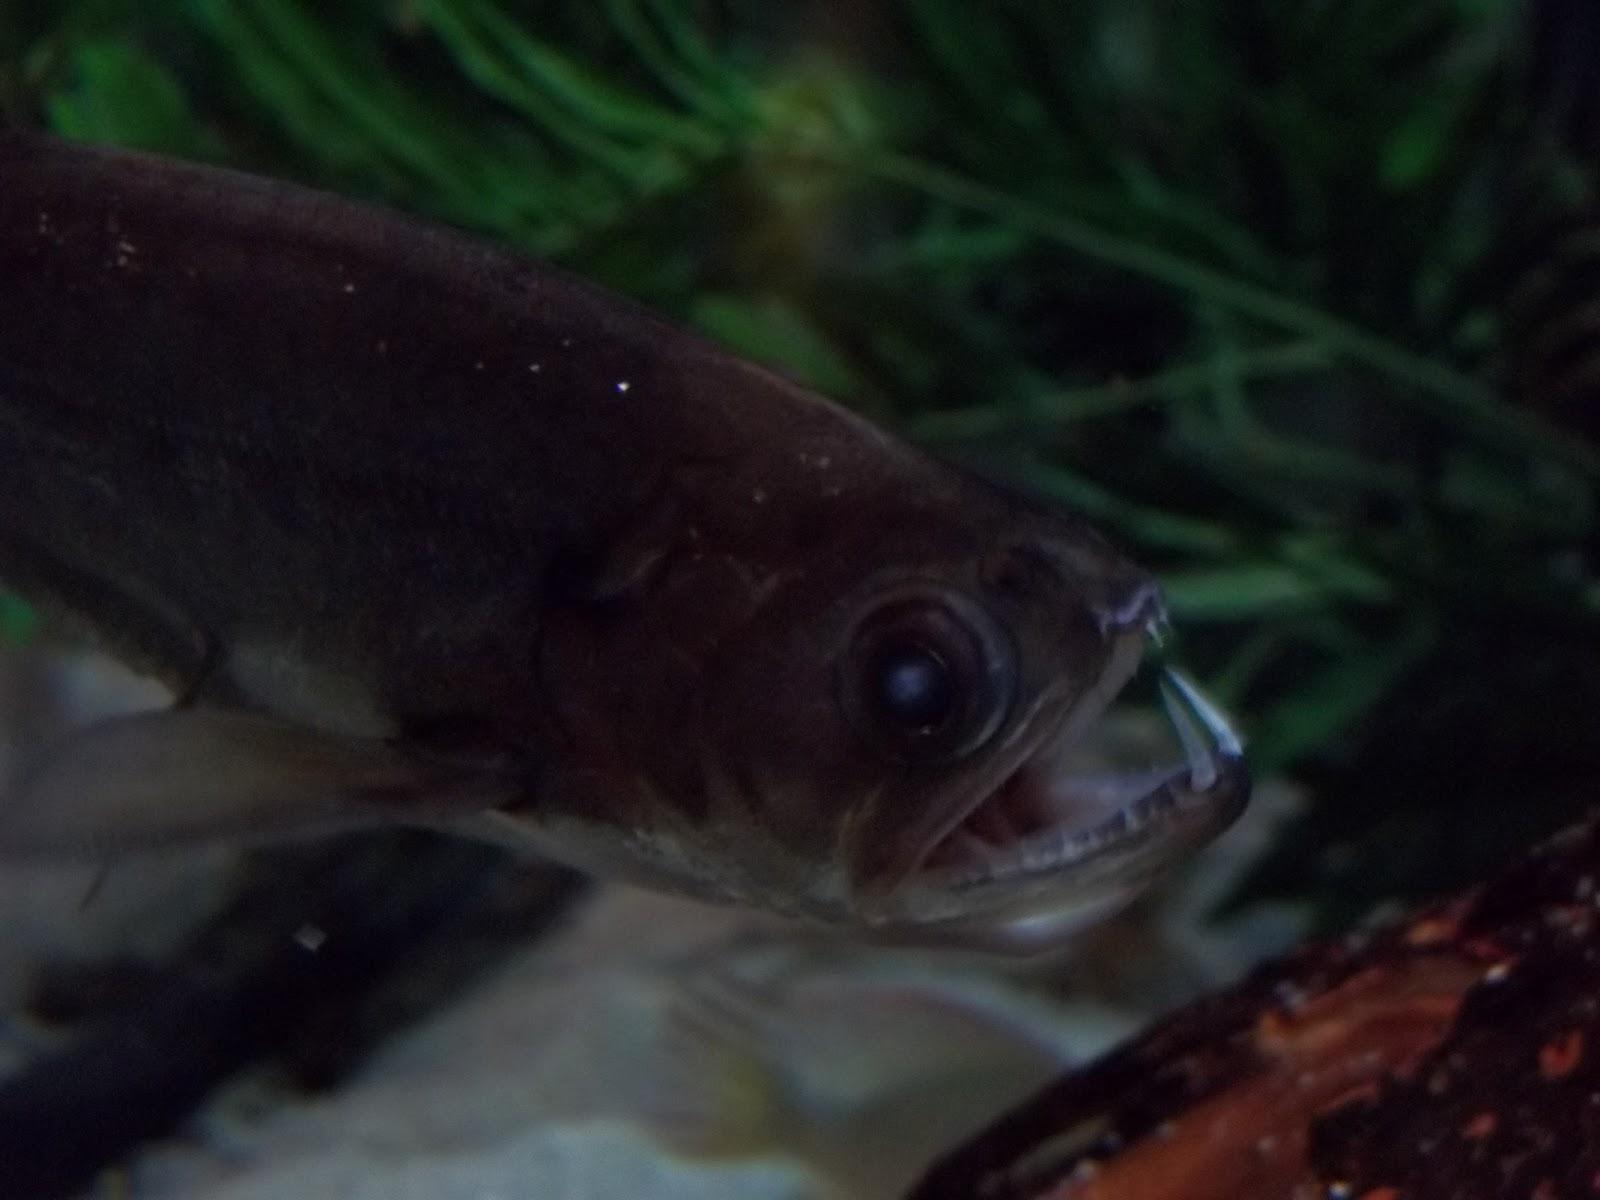 Bio geo nerd vampire at the living planet aquarium for Vampire fish for sale